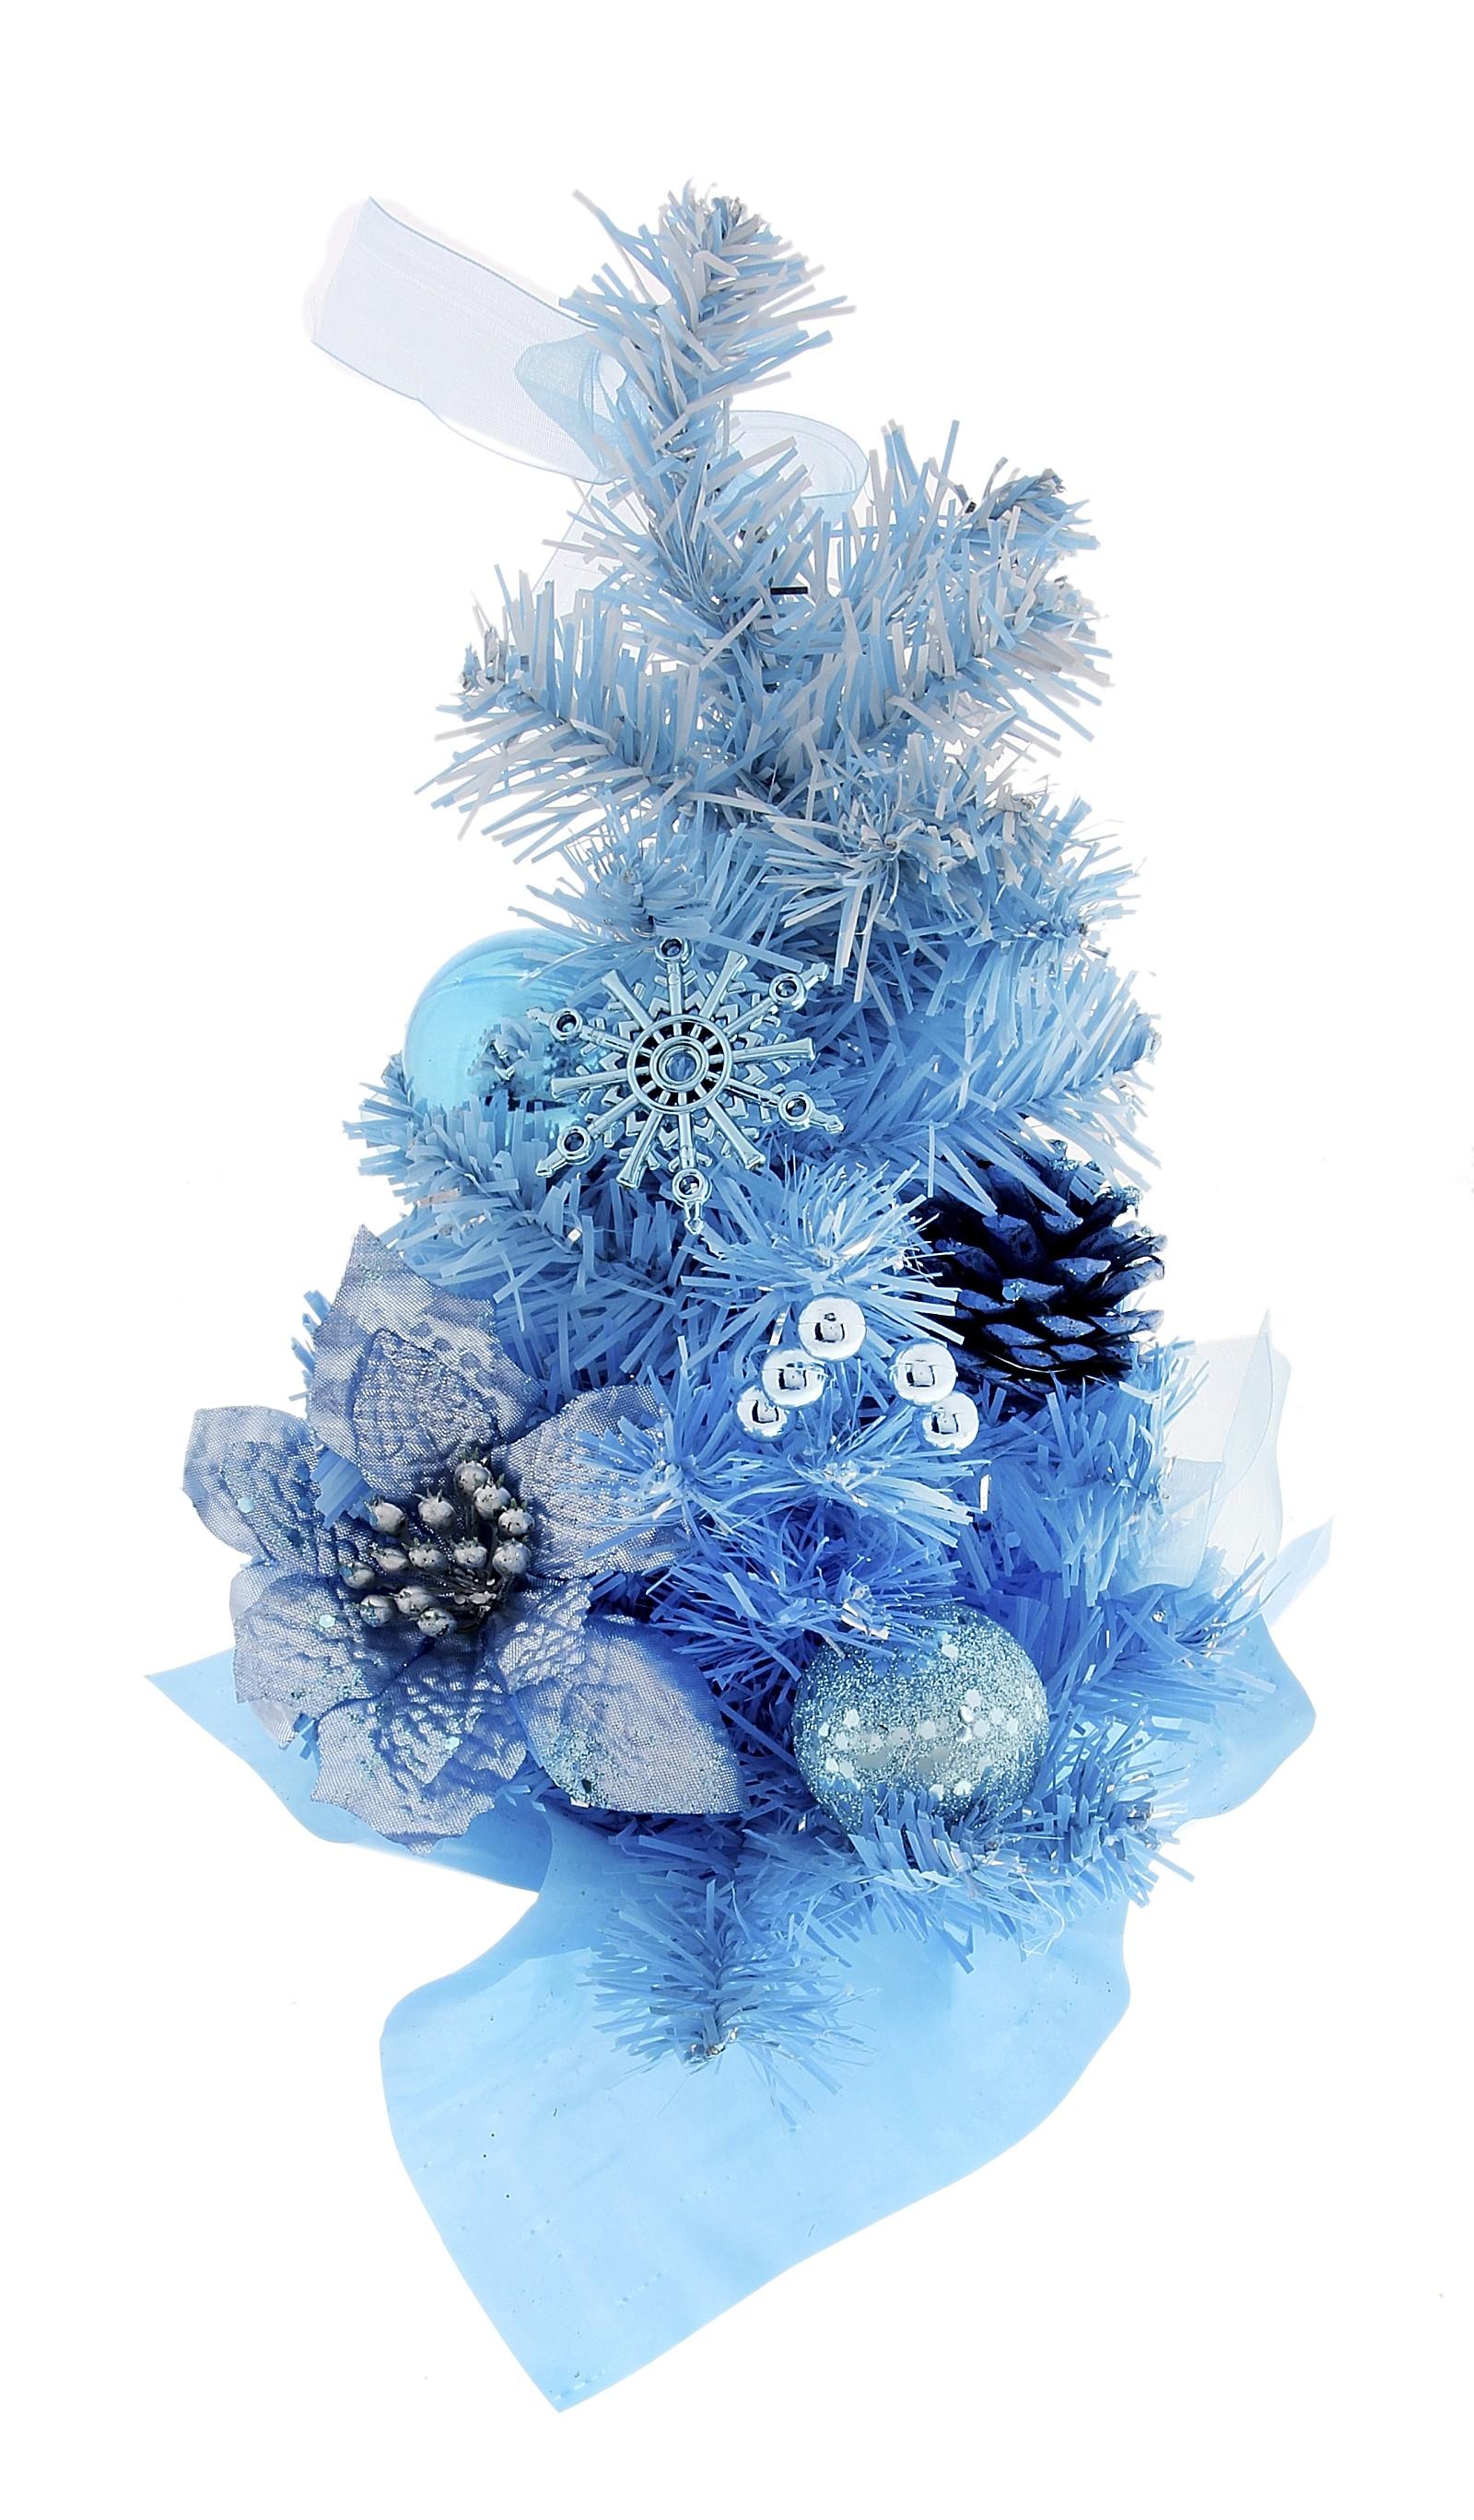 Декоративное украшение Новогодняя елочка, цвет: голубой. 717977717977Оригинальный дизайн новогодней елки притягивает к себе восторженные взгляды. Елка украшена шишками, блестящими лентами, елочными игрушками и шариками. Елка украсит интерьер вашего дома или офиса к Новому году и создаст теплую и уютную атмосферу праздника. Откройте для себя удивительный мир сказок и грез. Почувствуйте волшебные минуты ожидания праздника, создайте новогоднее настроение вашим дорогим и близким.